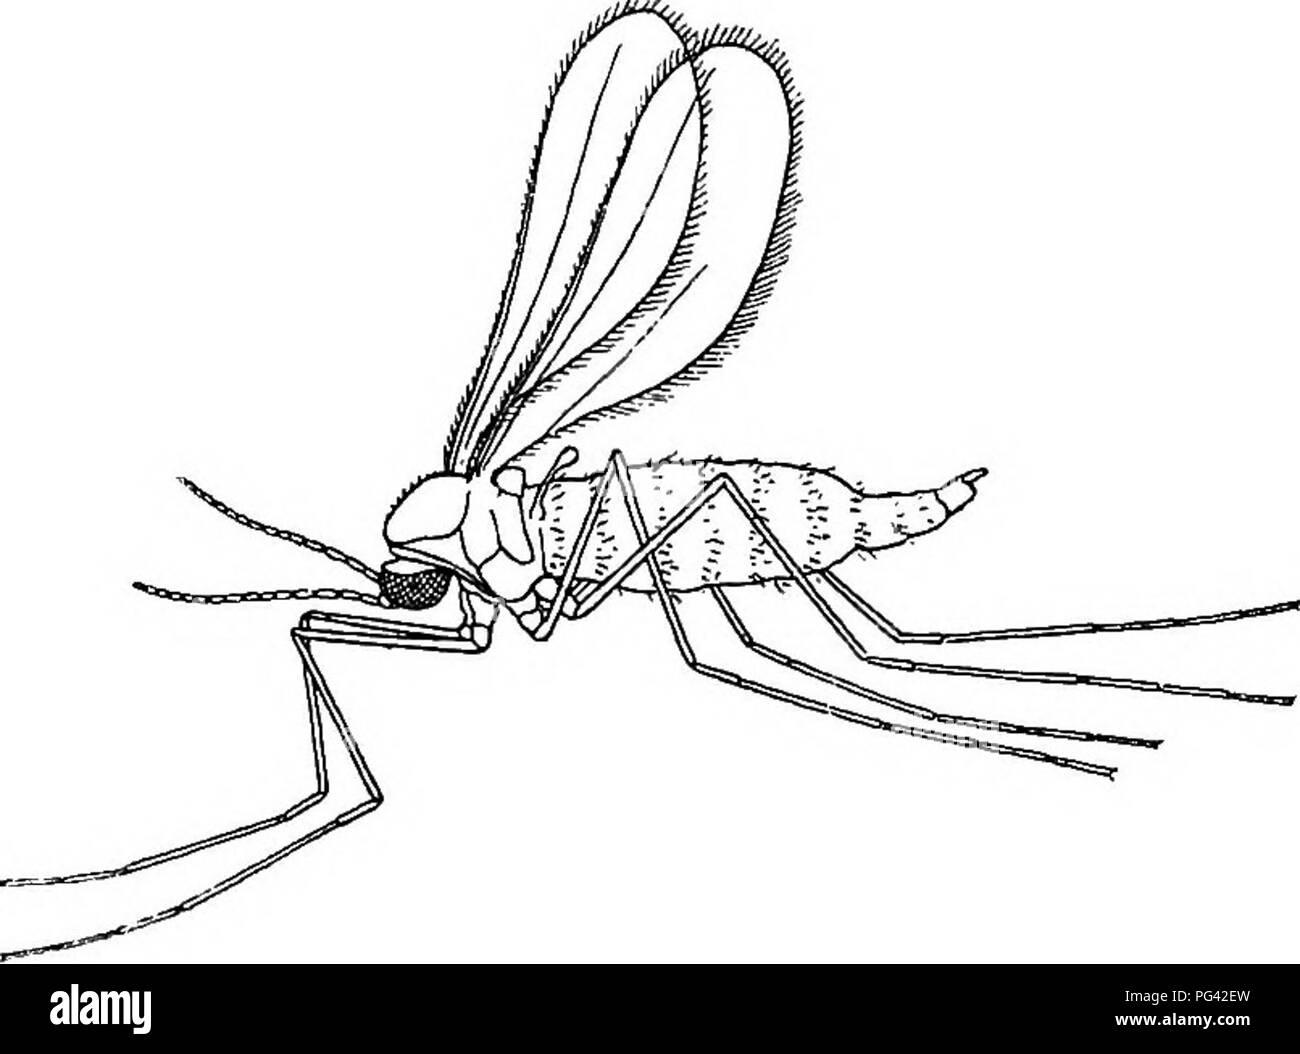 . Schädliche und nützliche Insekten; eine Einführung in das Studium der ökonomischen Entomologie. Insekten; nützliche Insekten und Schädlinge. Abb. 76.-Hessische-fliegen. X 10. wieder, und seine Art und Weise arbeiten. Für diese vorzubereiten, bringt er den Kopf, runde, bis es nach oben zeigt. Herr Enock ist der Ansicht, dass die zweigleisige Skala auf der Unterseite des prothorax seinen besonderen Einsatz in dieser Drehbewegung findet. Wenn alle. Bitte beachten Sie, dass diese Bilder aus gescannten Seite Bilder, die digital für die Lesbarkeit verbessert haben mögen - Färbung und Aussehen dieser Abbildungen können nicht Perfekt ähneln den oder extrahiert werden Stockbild